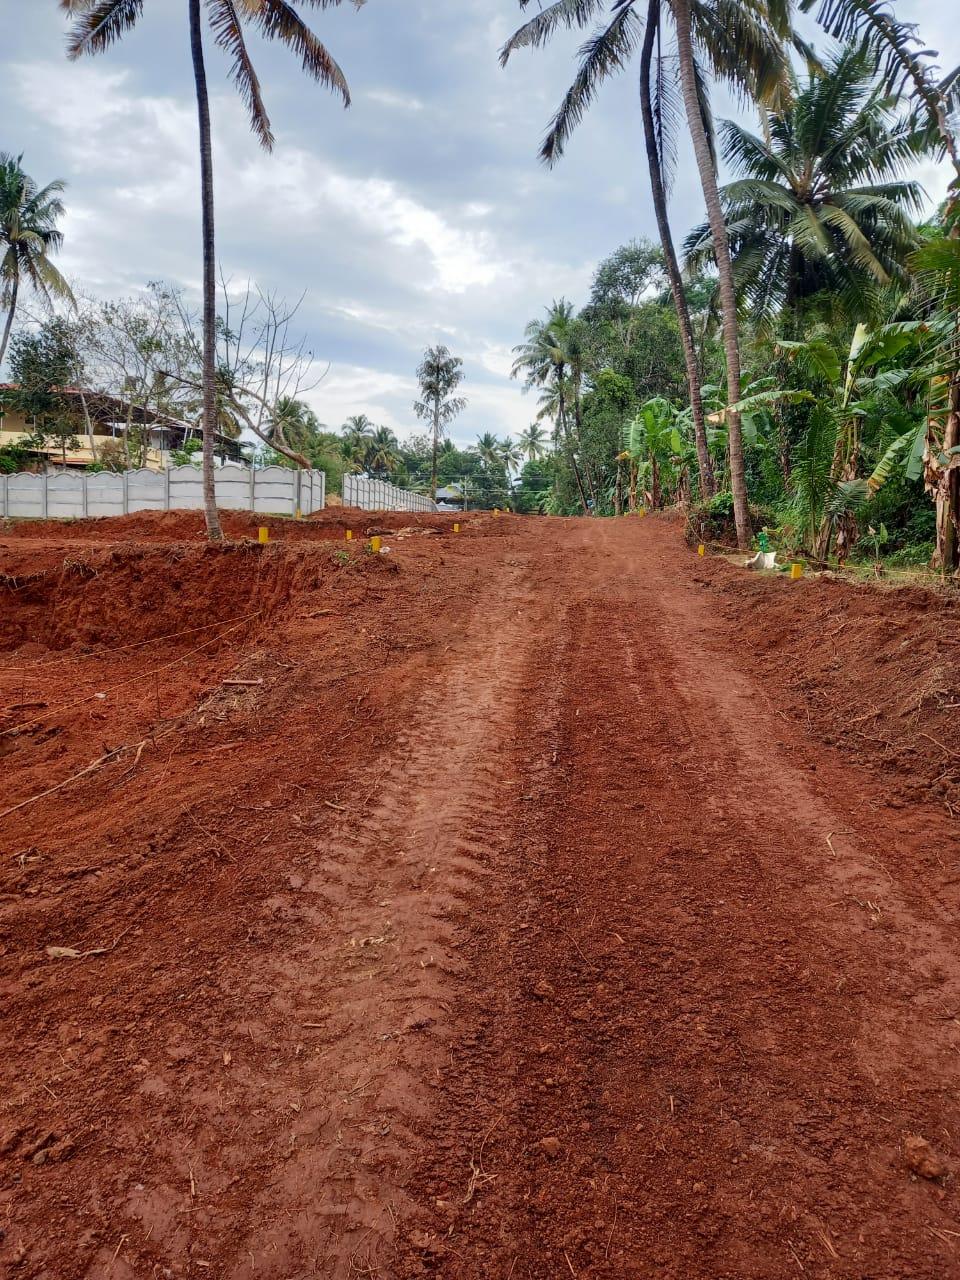 Premium Gated Villa Plots For Sale in Chiyyaram, Thrissur